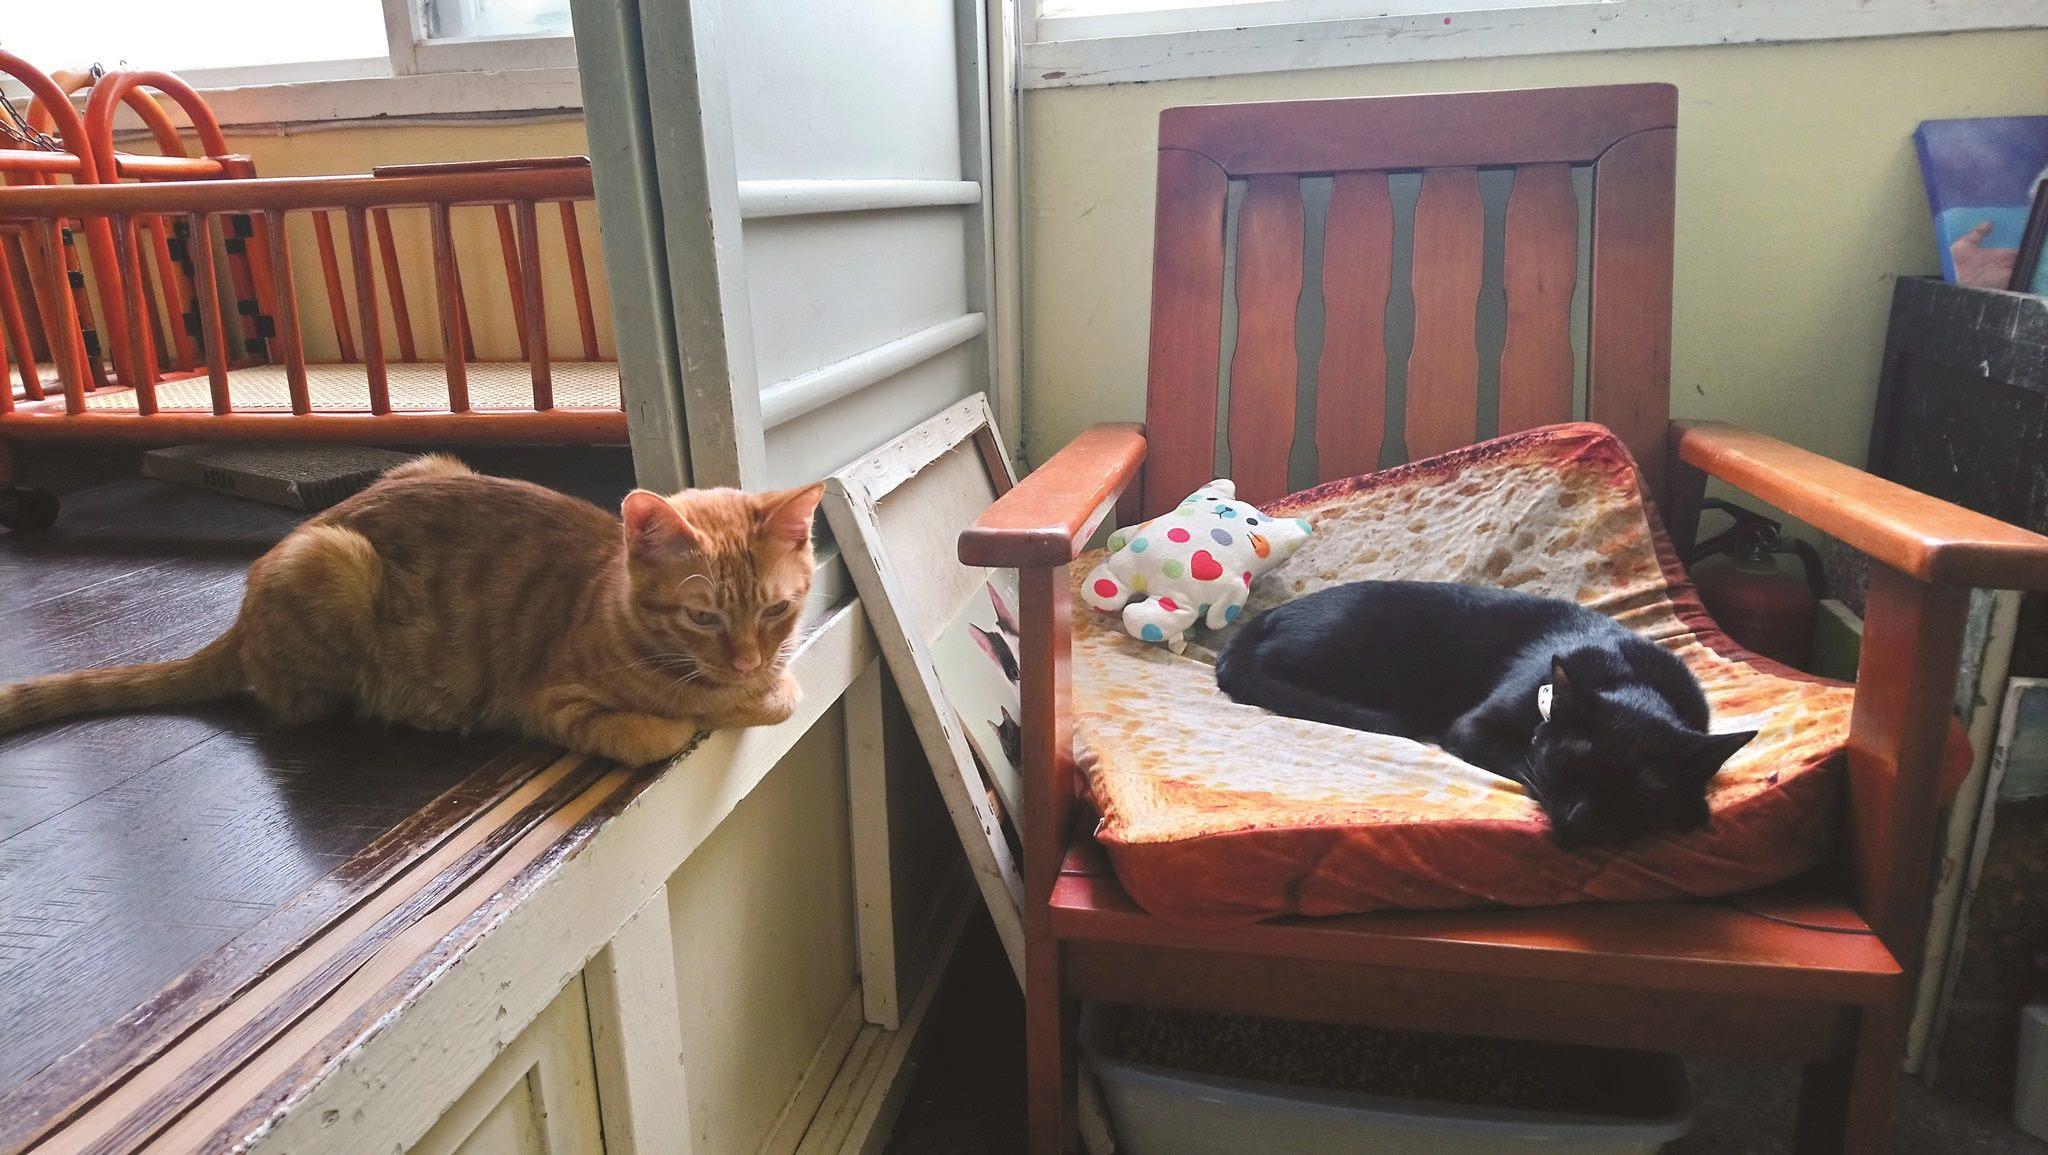 貓咪喜歡有自己的隱私空間,可以放鬆休息。